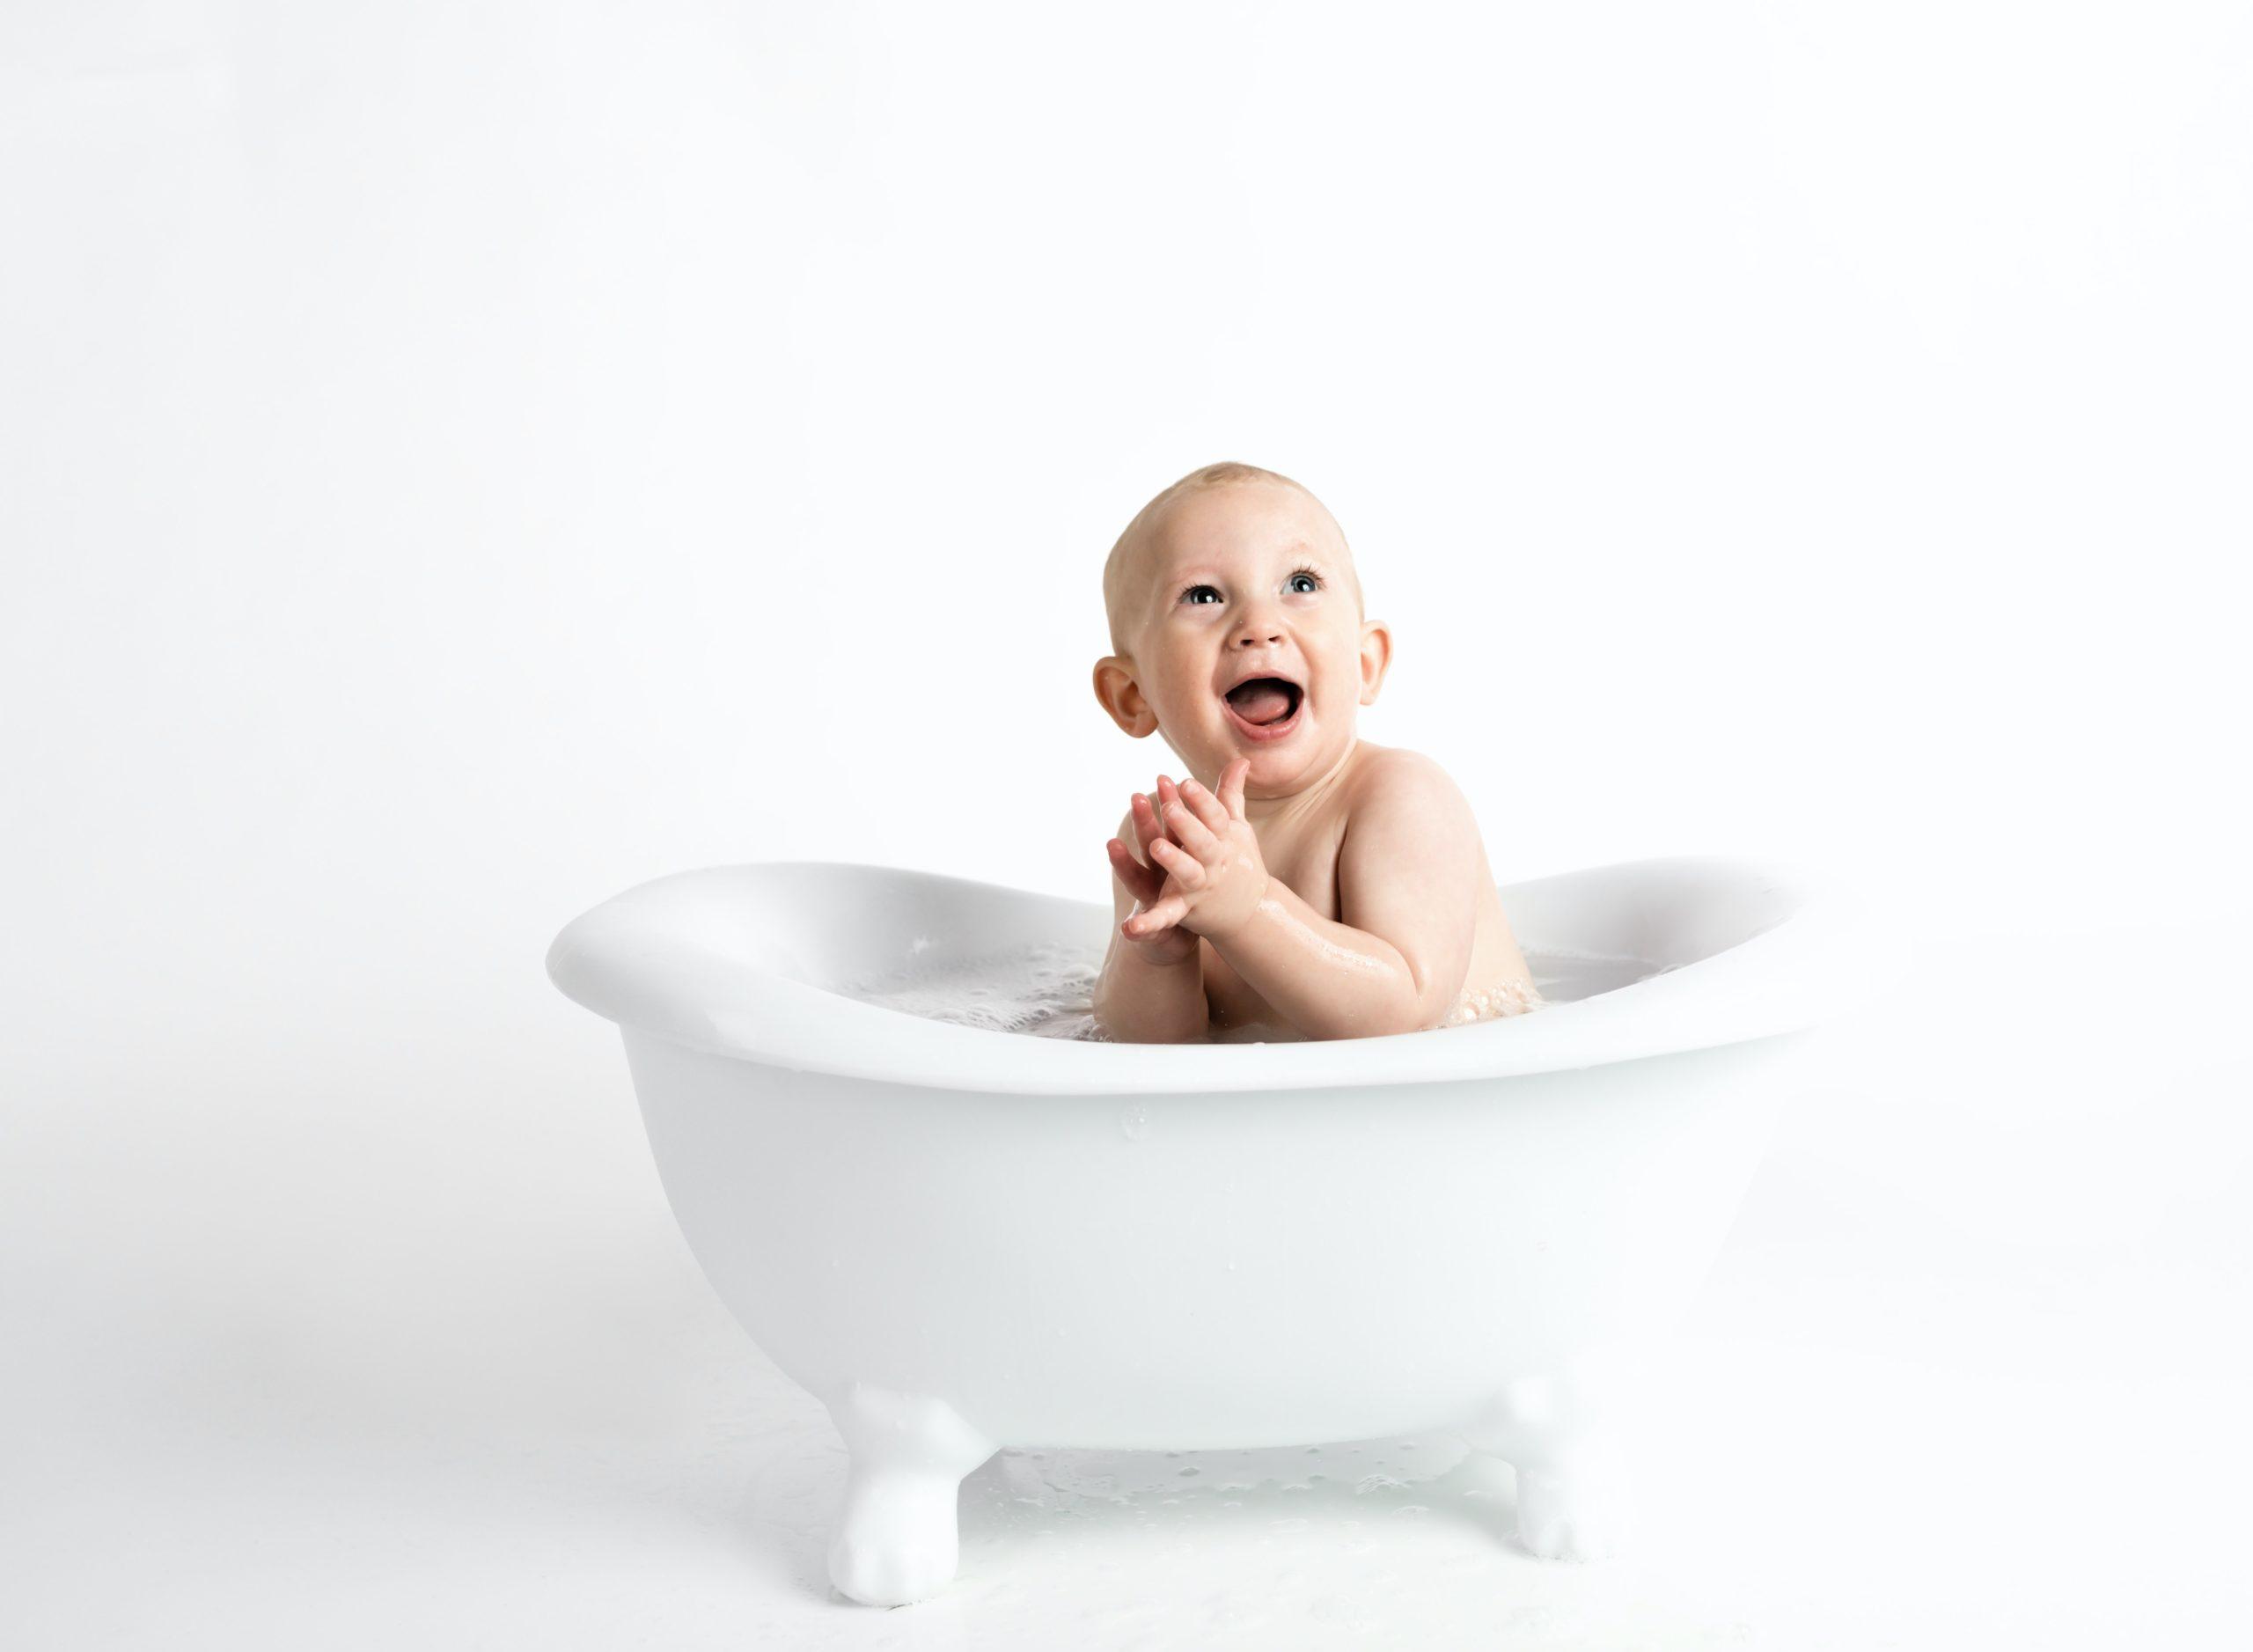 もうお風呂イヤイヤに悩まない!我が家のお風呂拒否解消法!